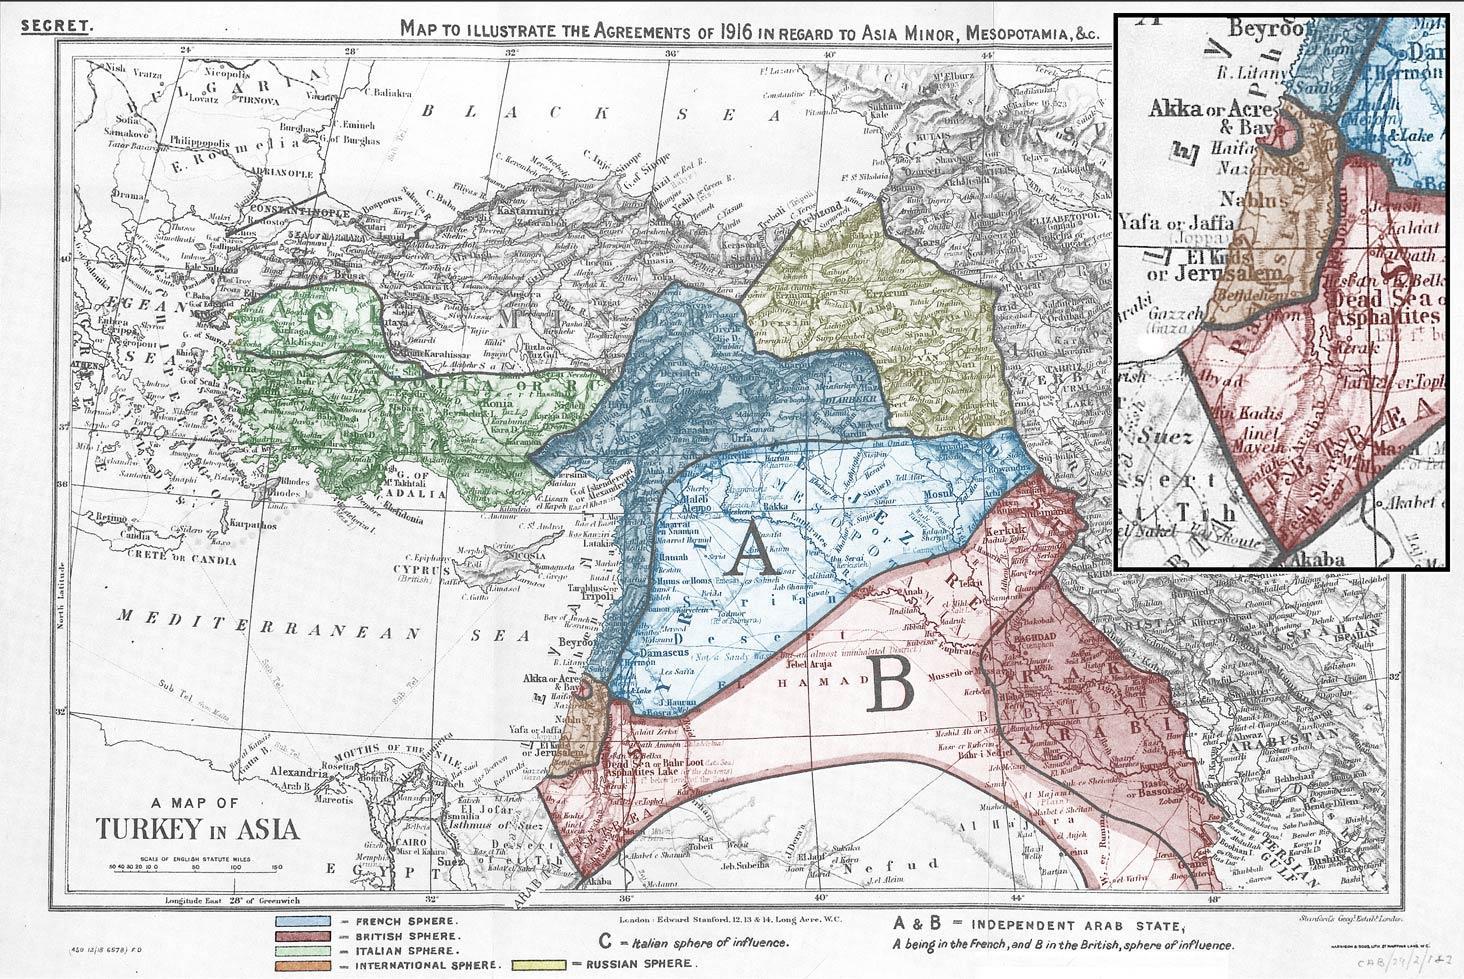 Mapa dels acords Sykes-Picot, que van dividir l'imperi otomà entre el Regne Unit i França